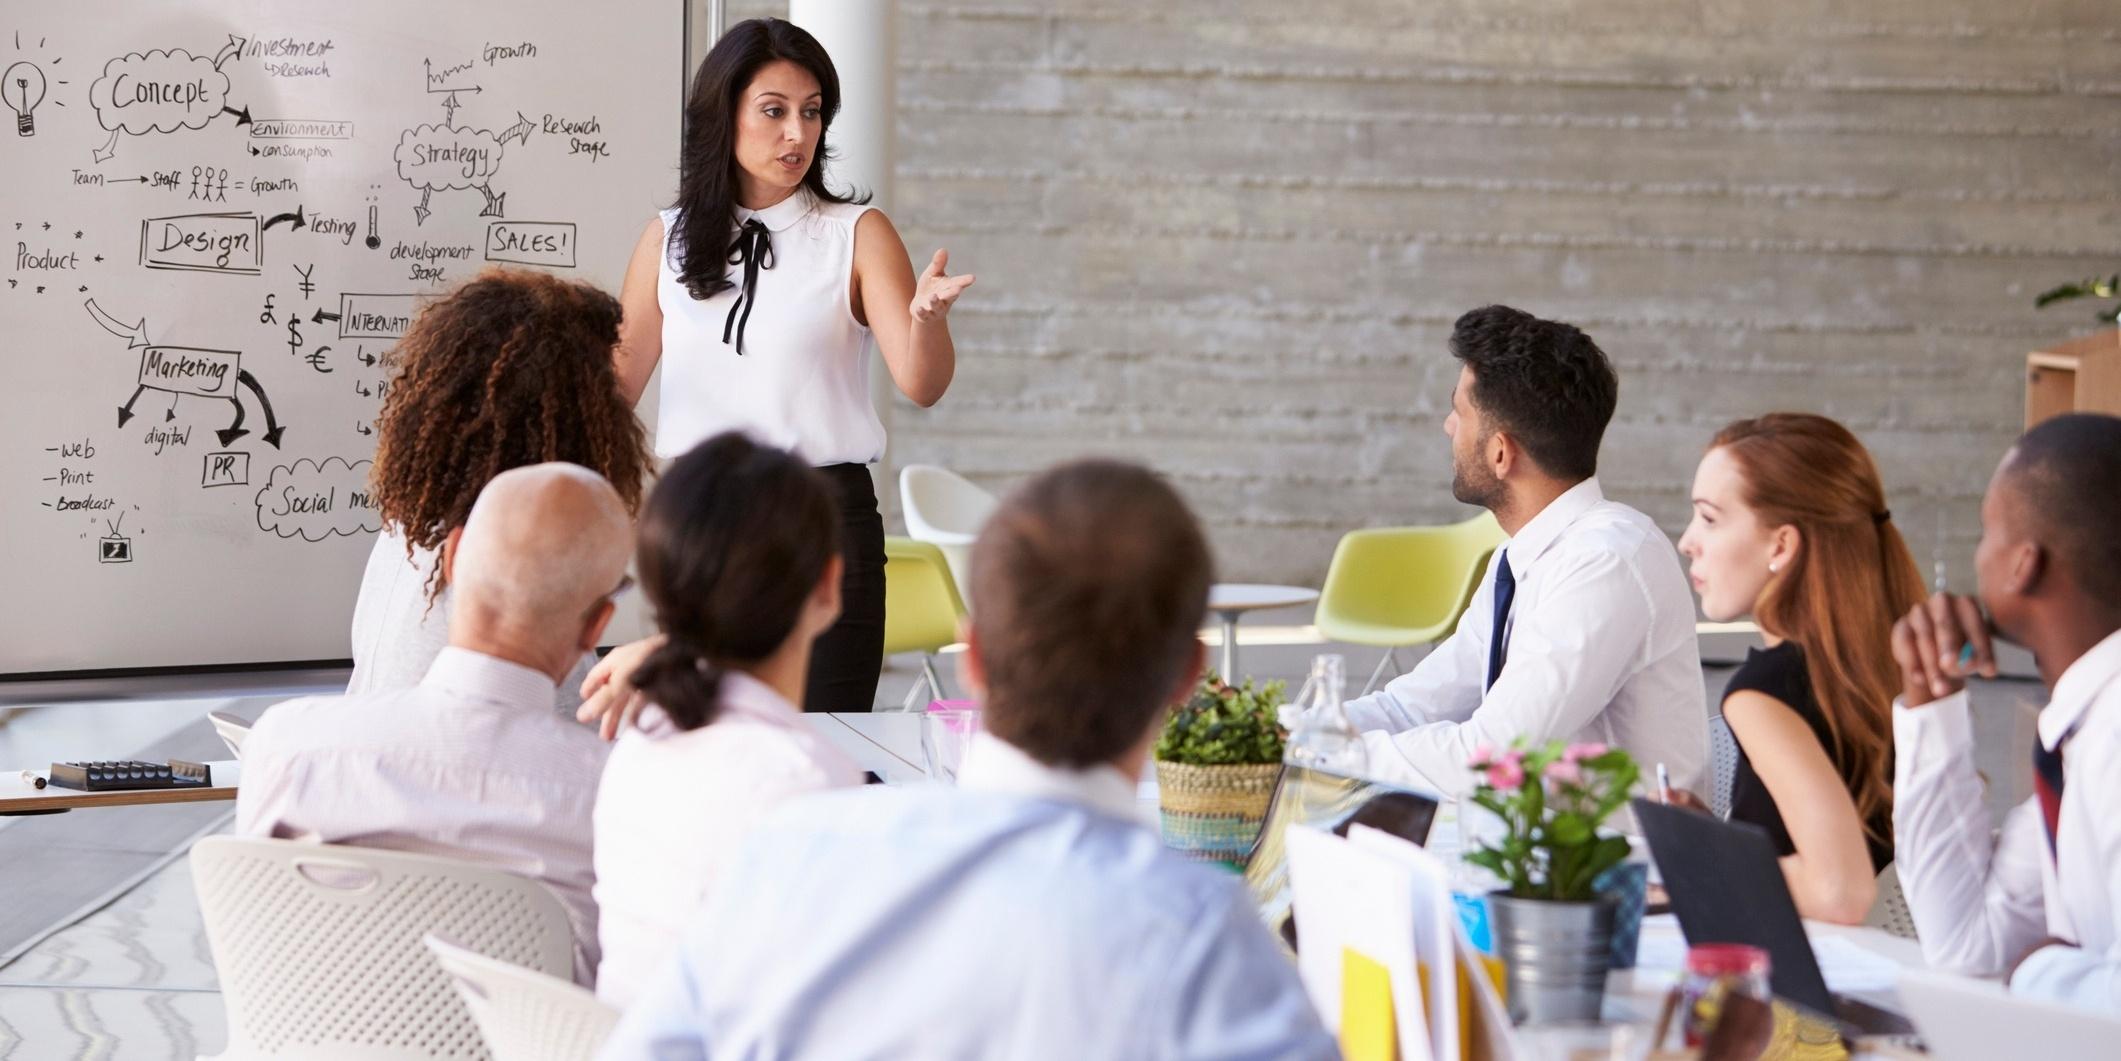 3servicios básicos que tu agencia de marketing debe ofrecer para mejorar tu ROI